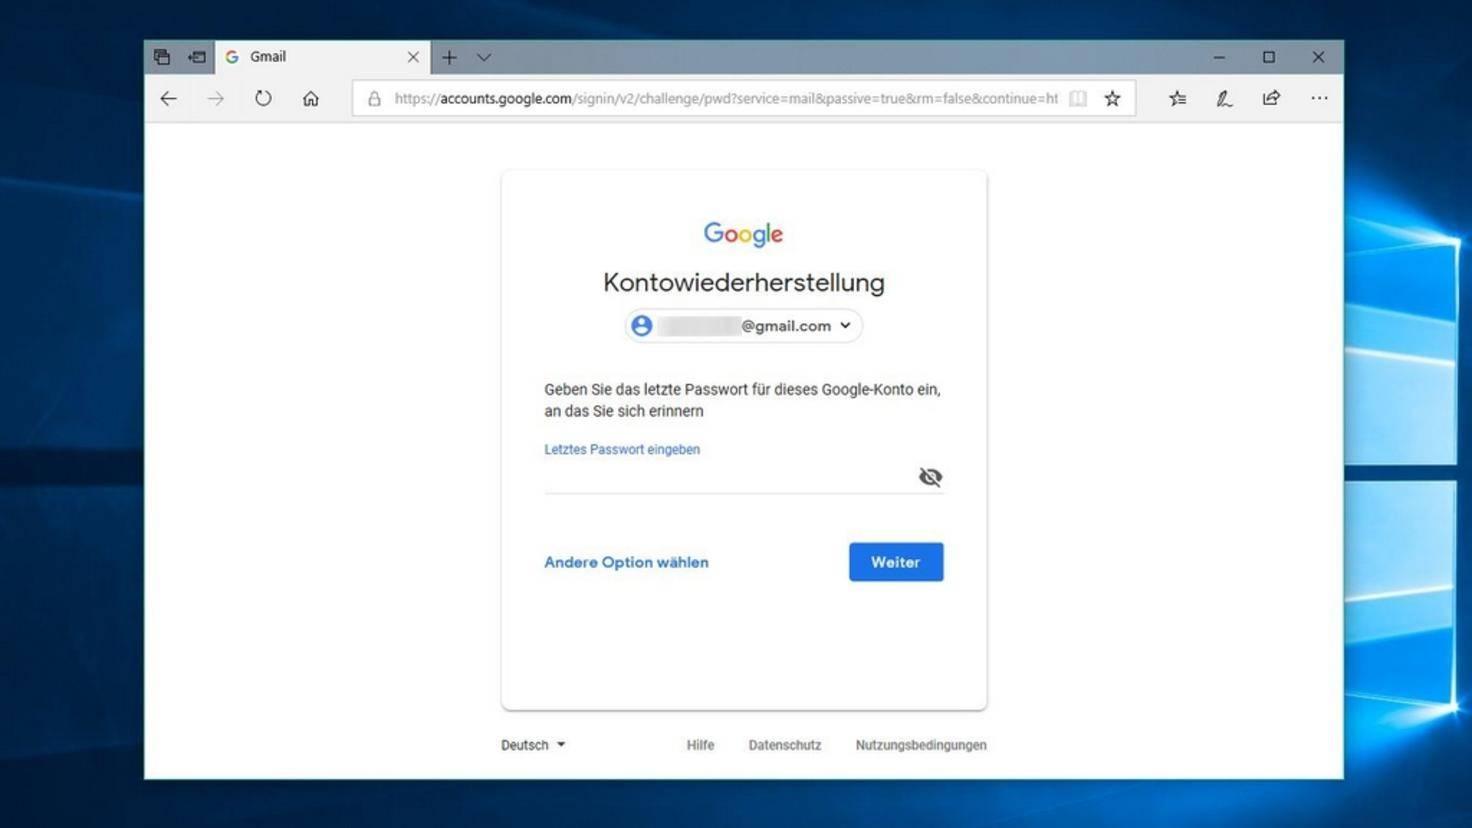 Google-Kontowiederherstellung-01